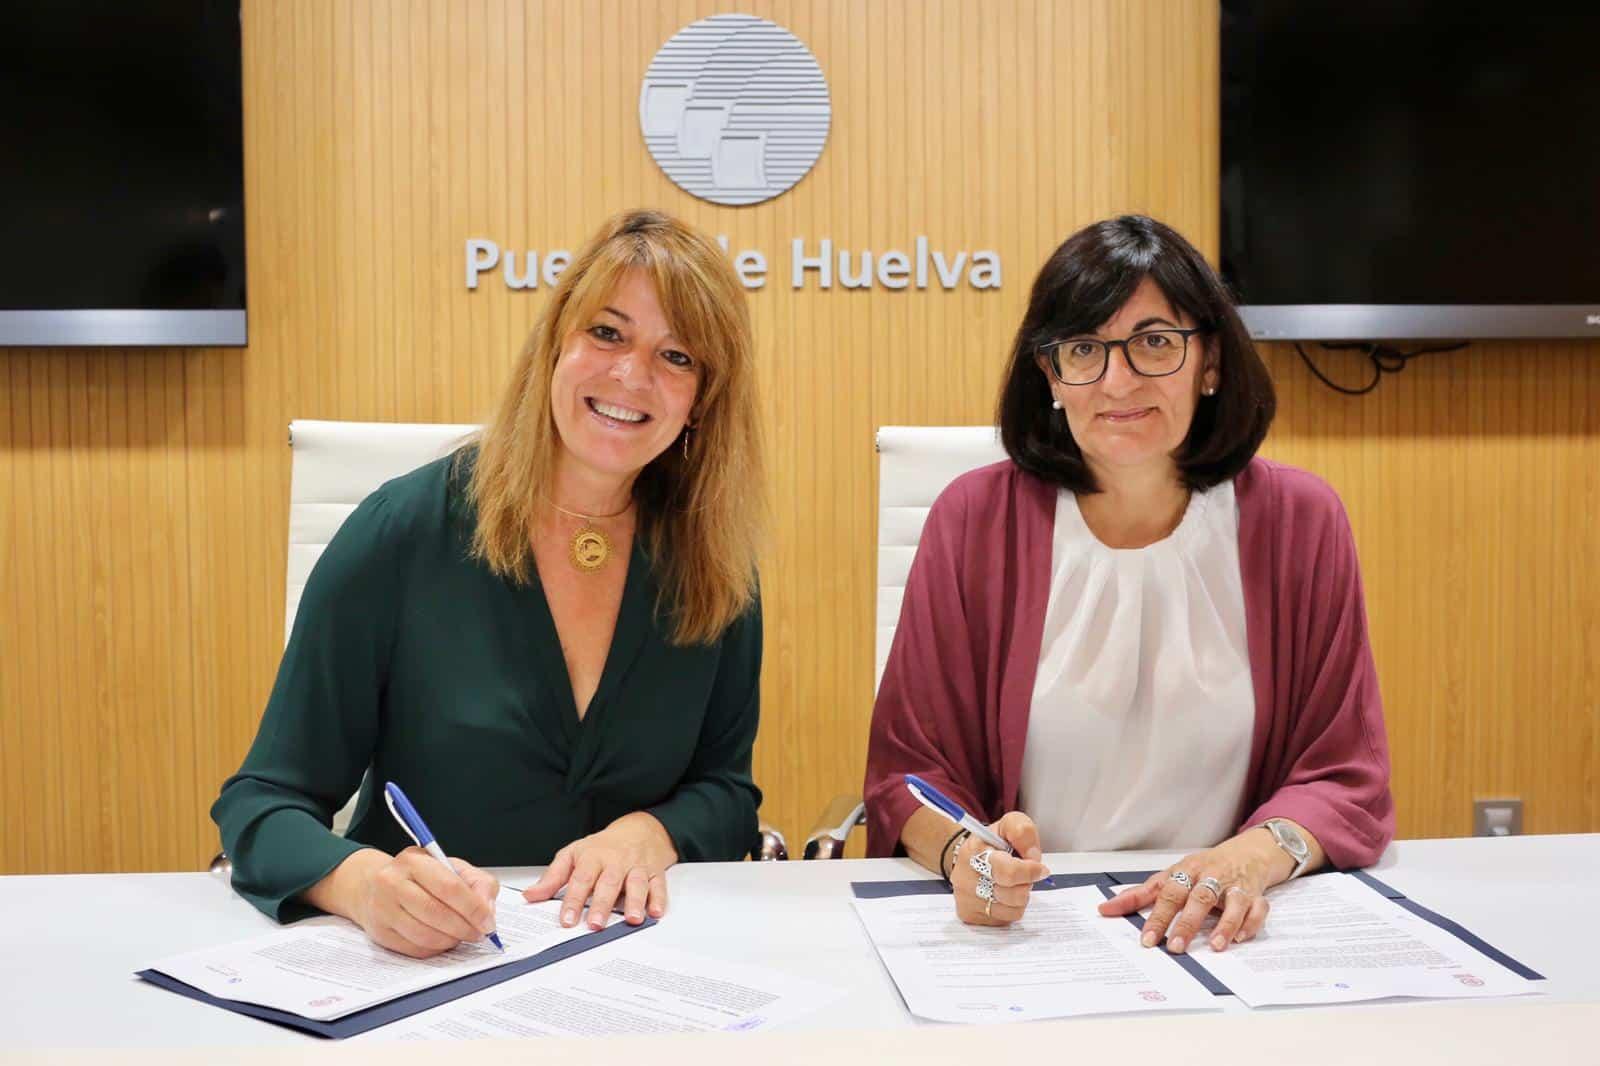 Autoridad Portuaria y Universidad de Huelva firman un convenio de prácticas relacionado con el ámbito portuario